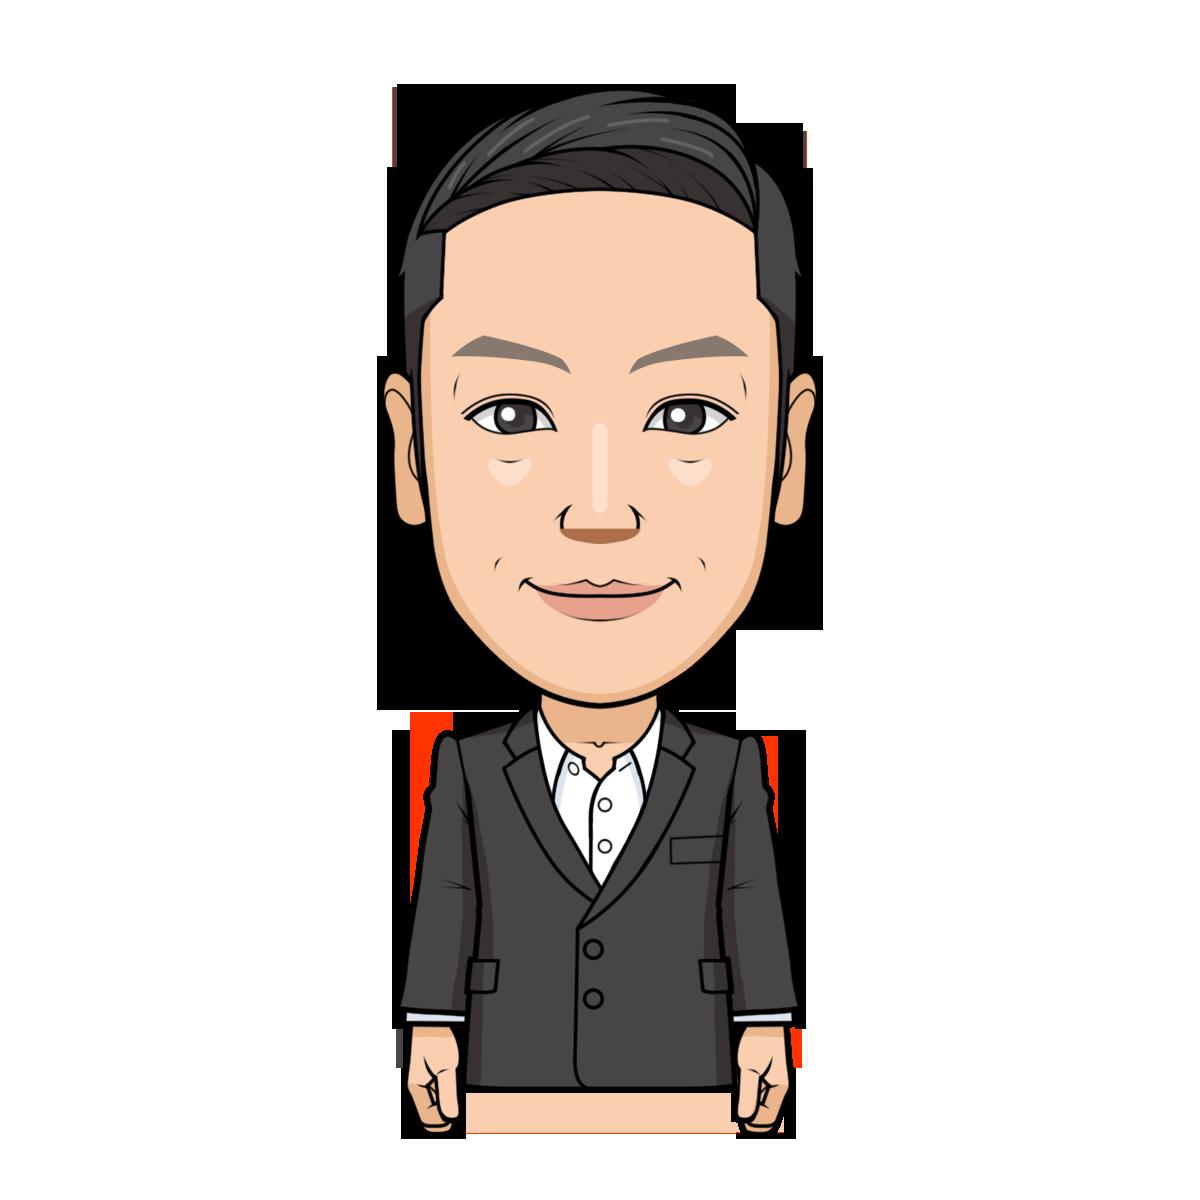 東 貞夫(Higashi Sadao)